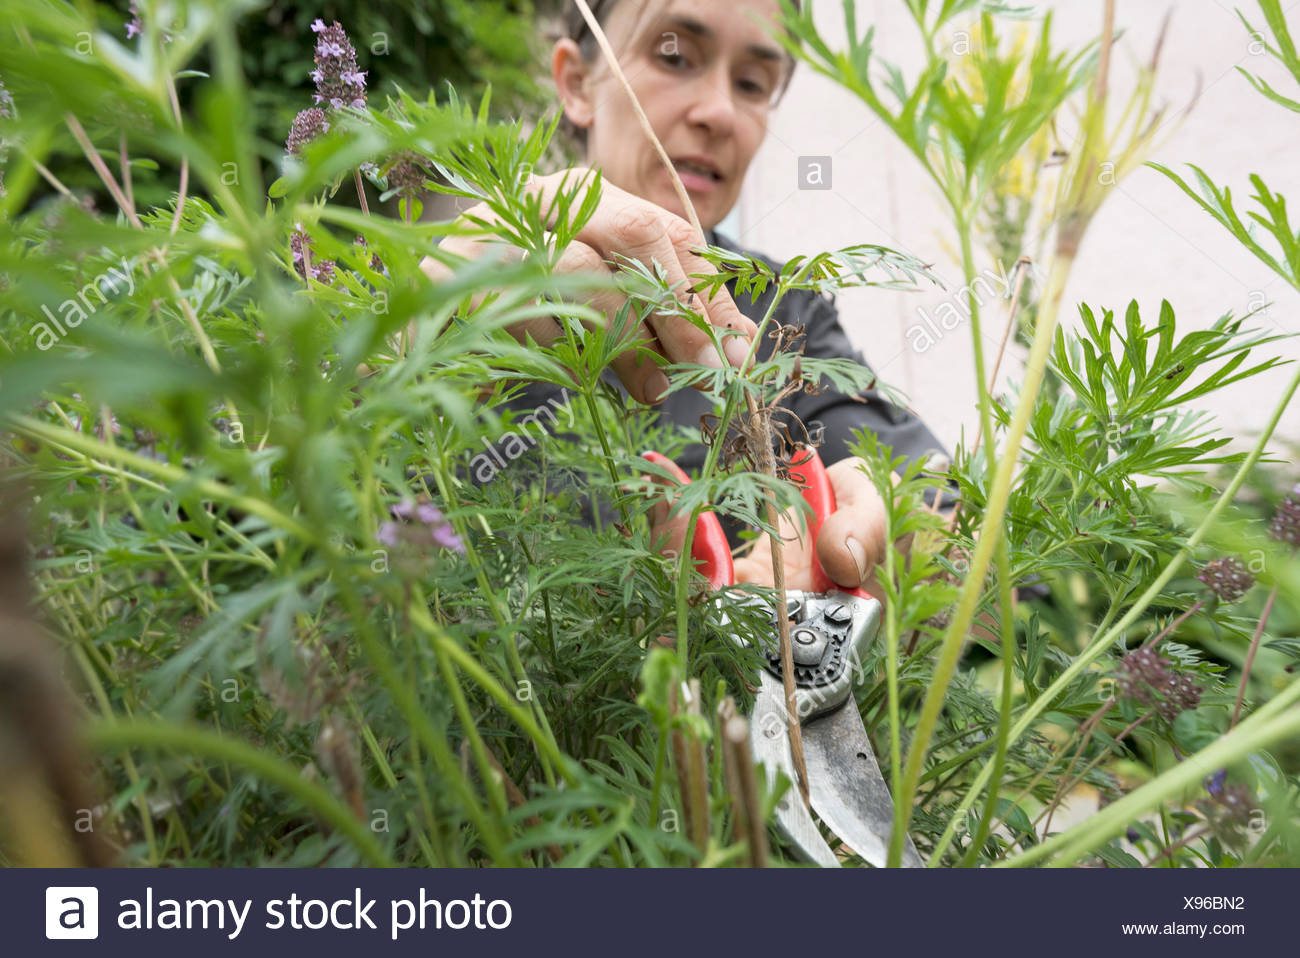 Une femme l'élagage des buissons dans un jardin Photo Stock